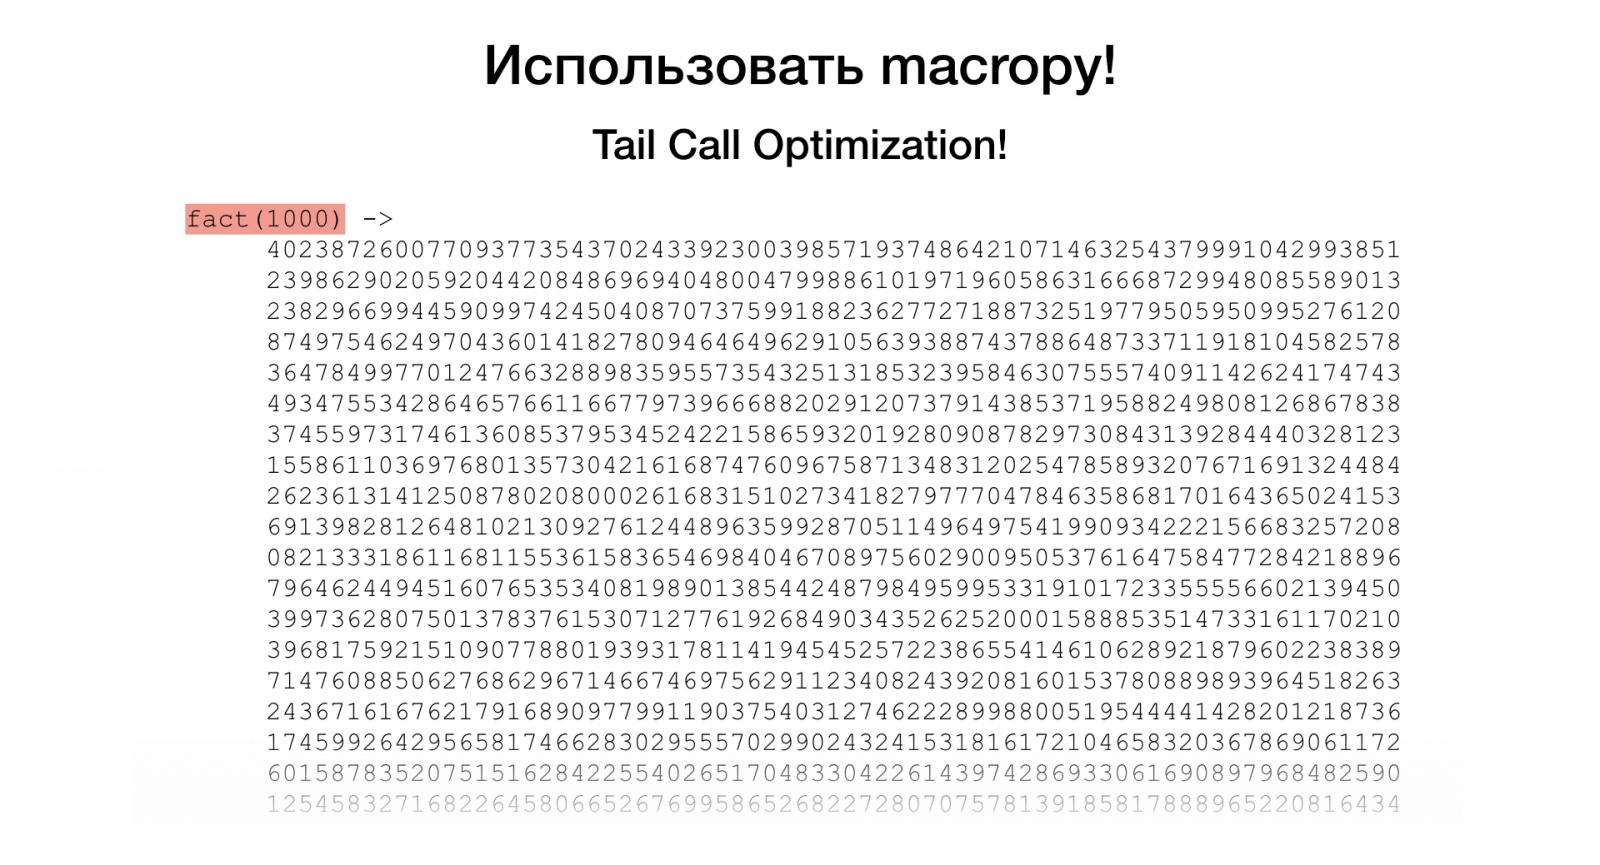 Макросы для питониста. Доклад Яндекса - 21